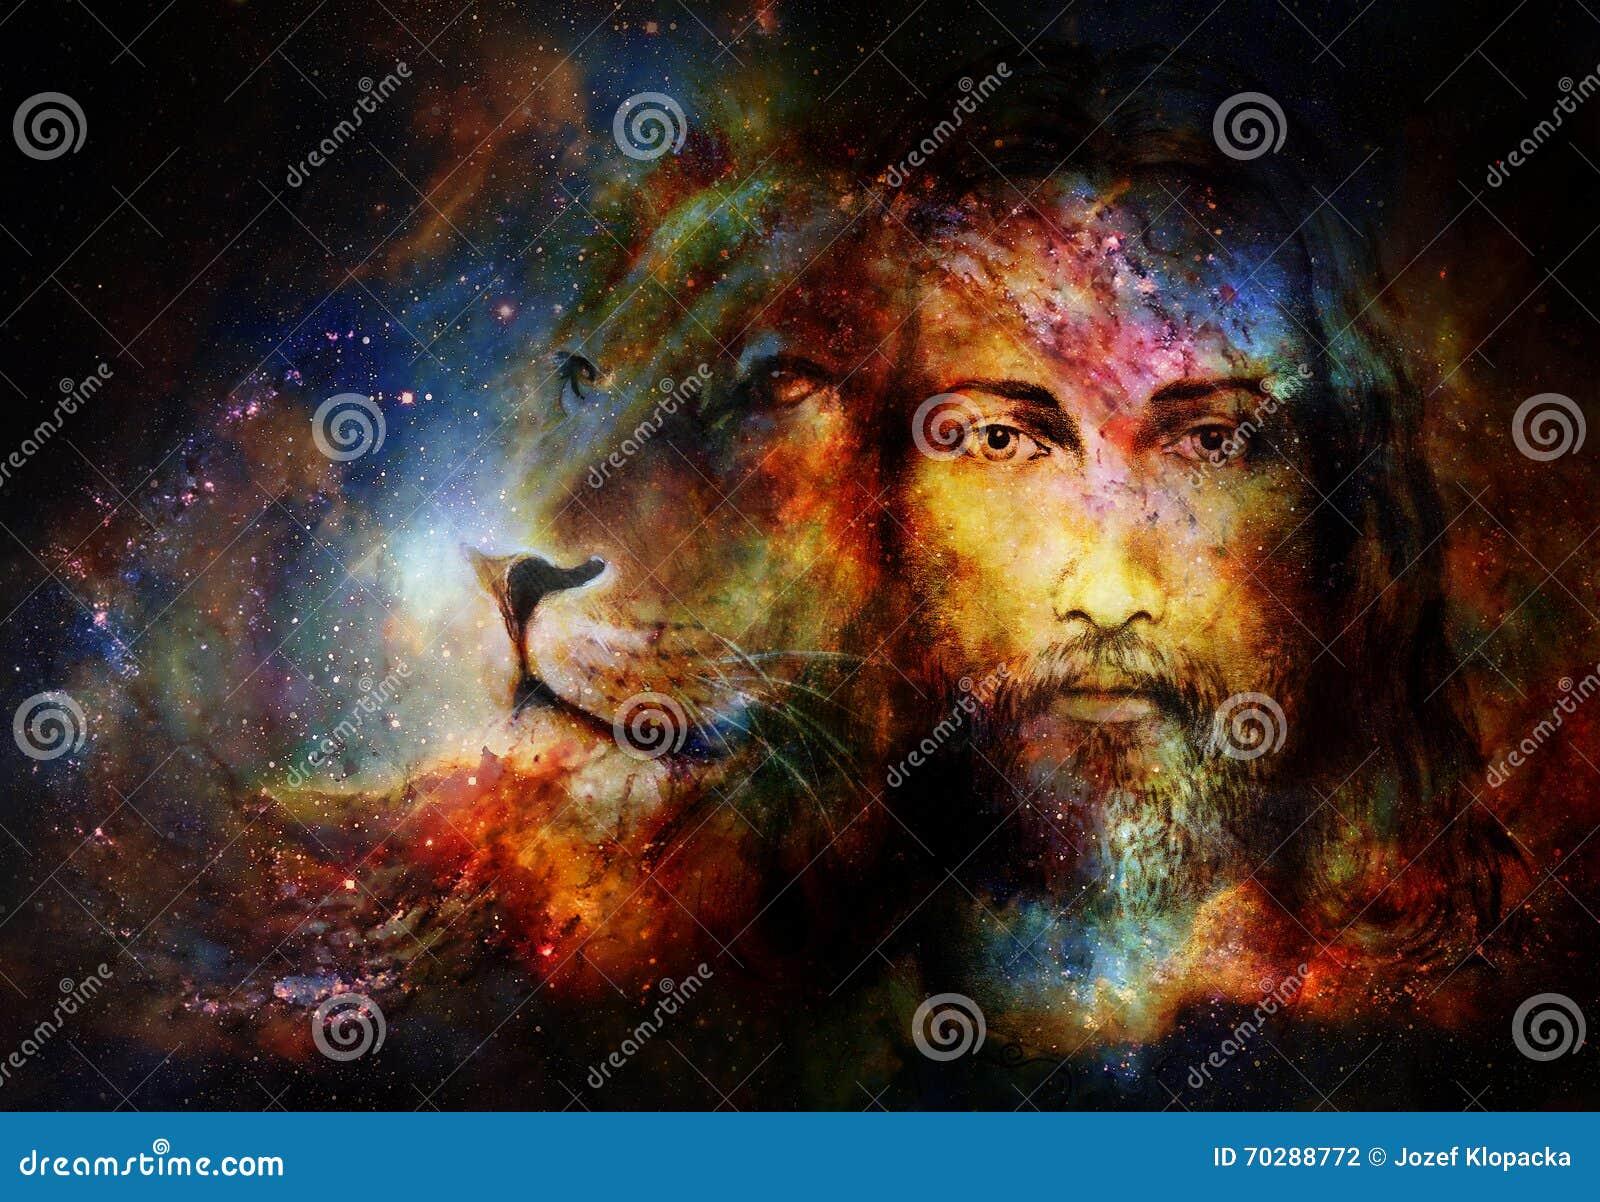 Het schilderen van Jesus met een leeuw in cosimcruimte, oogcontact en het portret van het leeuwprofiel